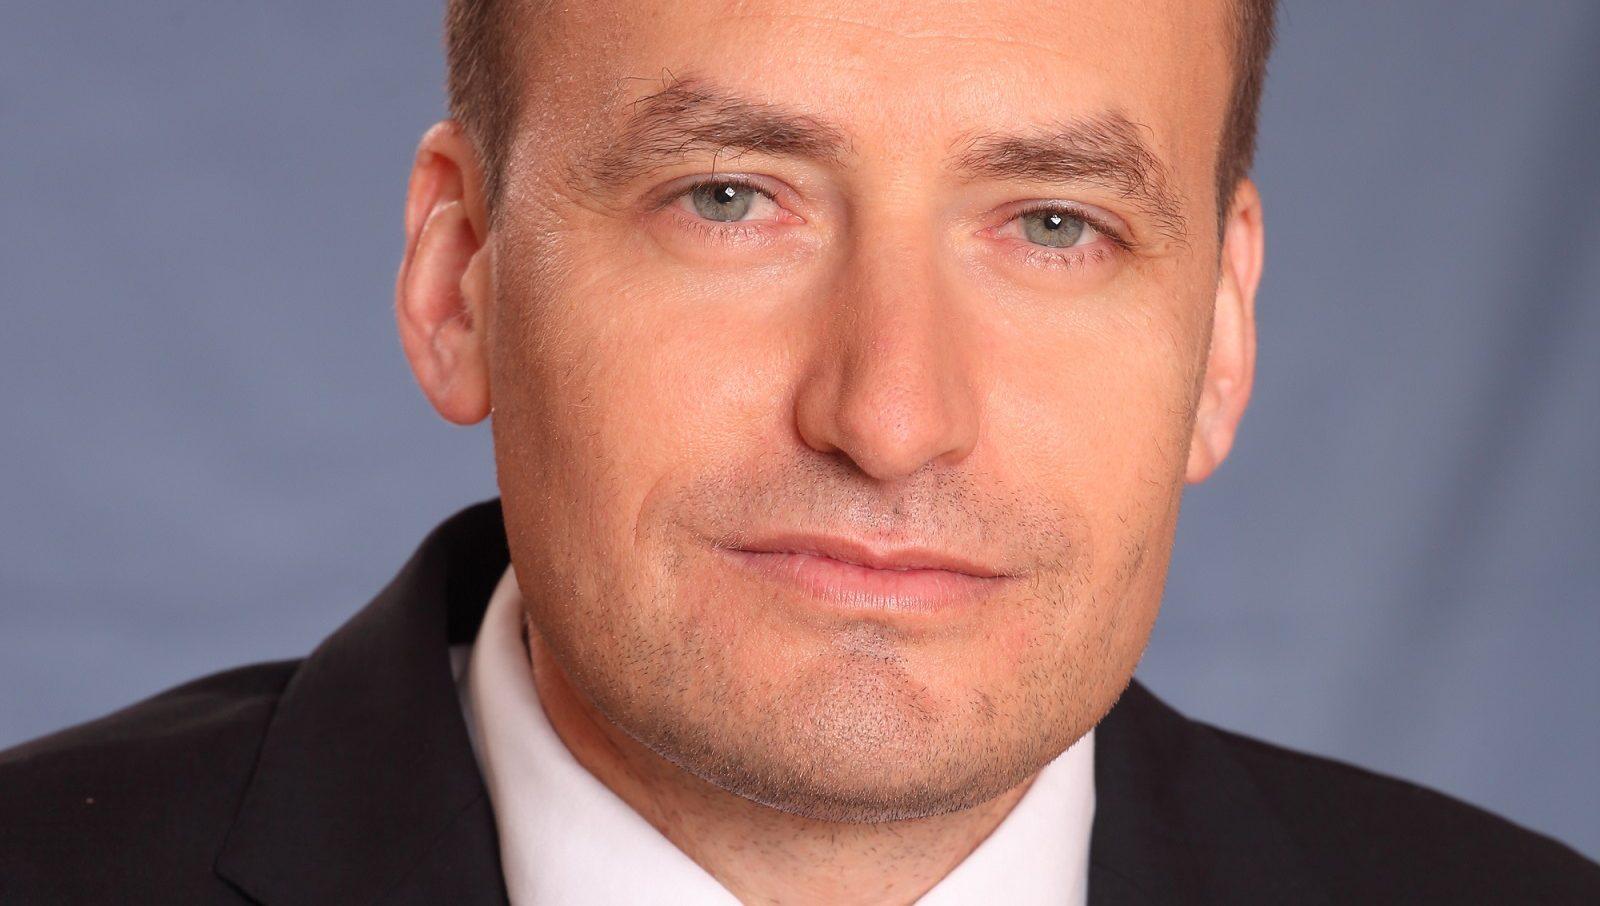 """הראל רכשה 15% מגולדן קפיטל חברת נדל""""ן המשקיעה בגרמניה"""